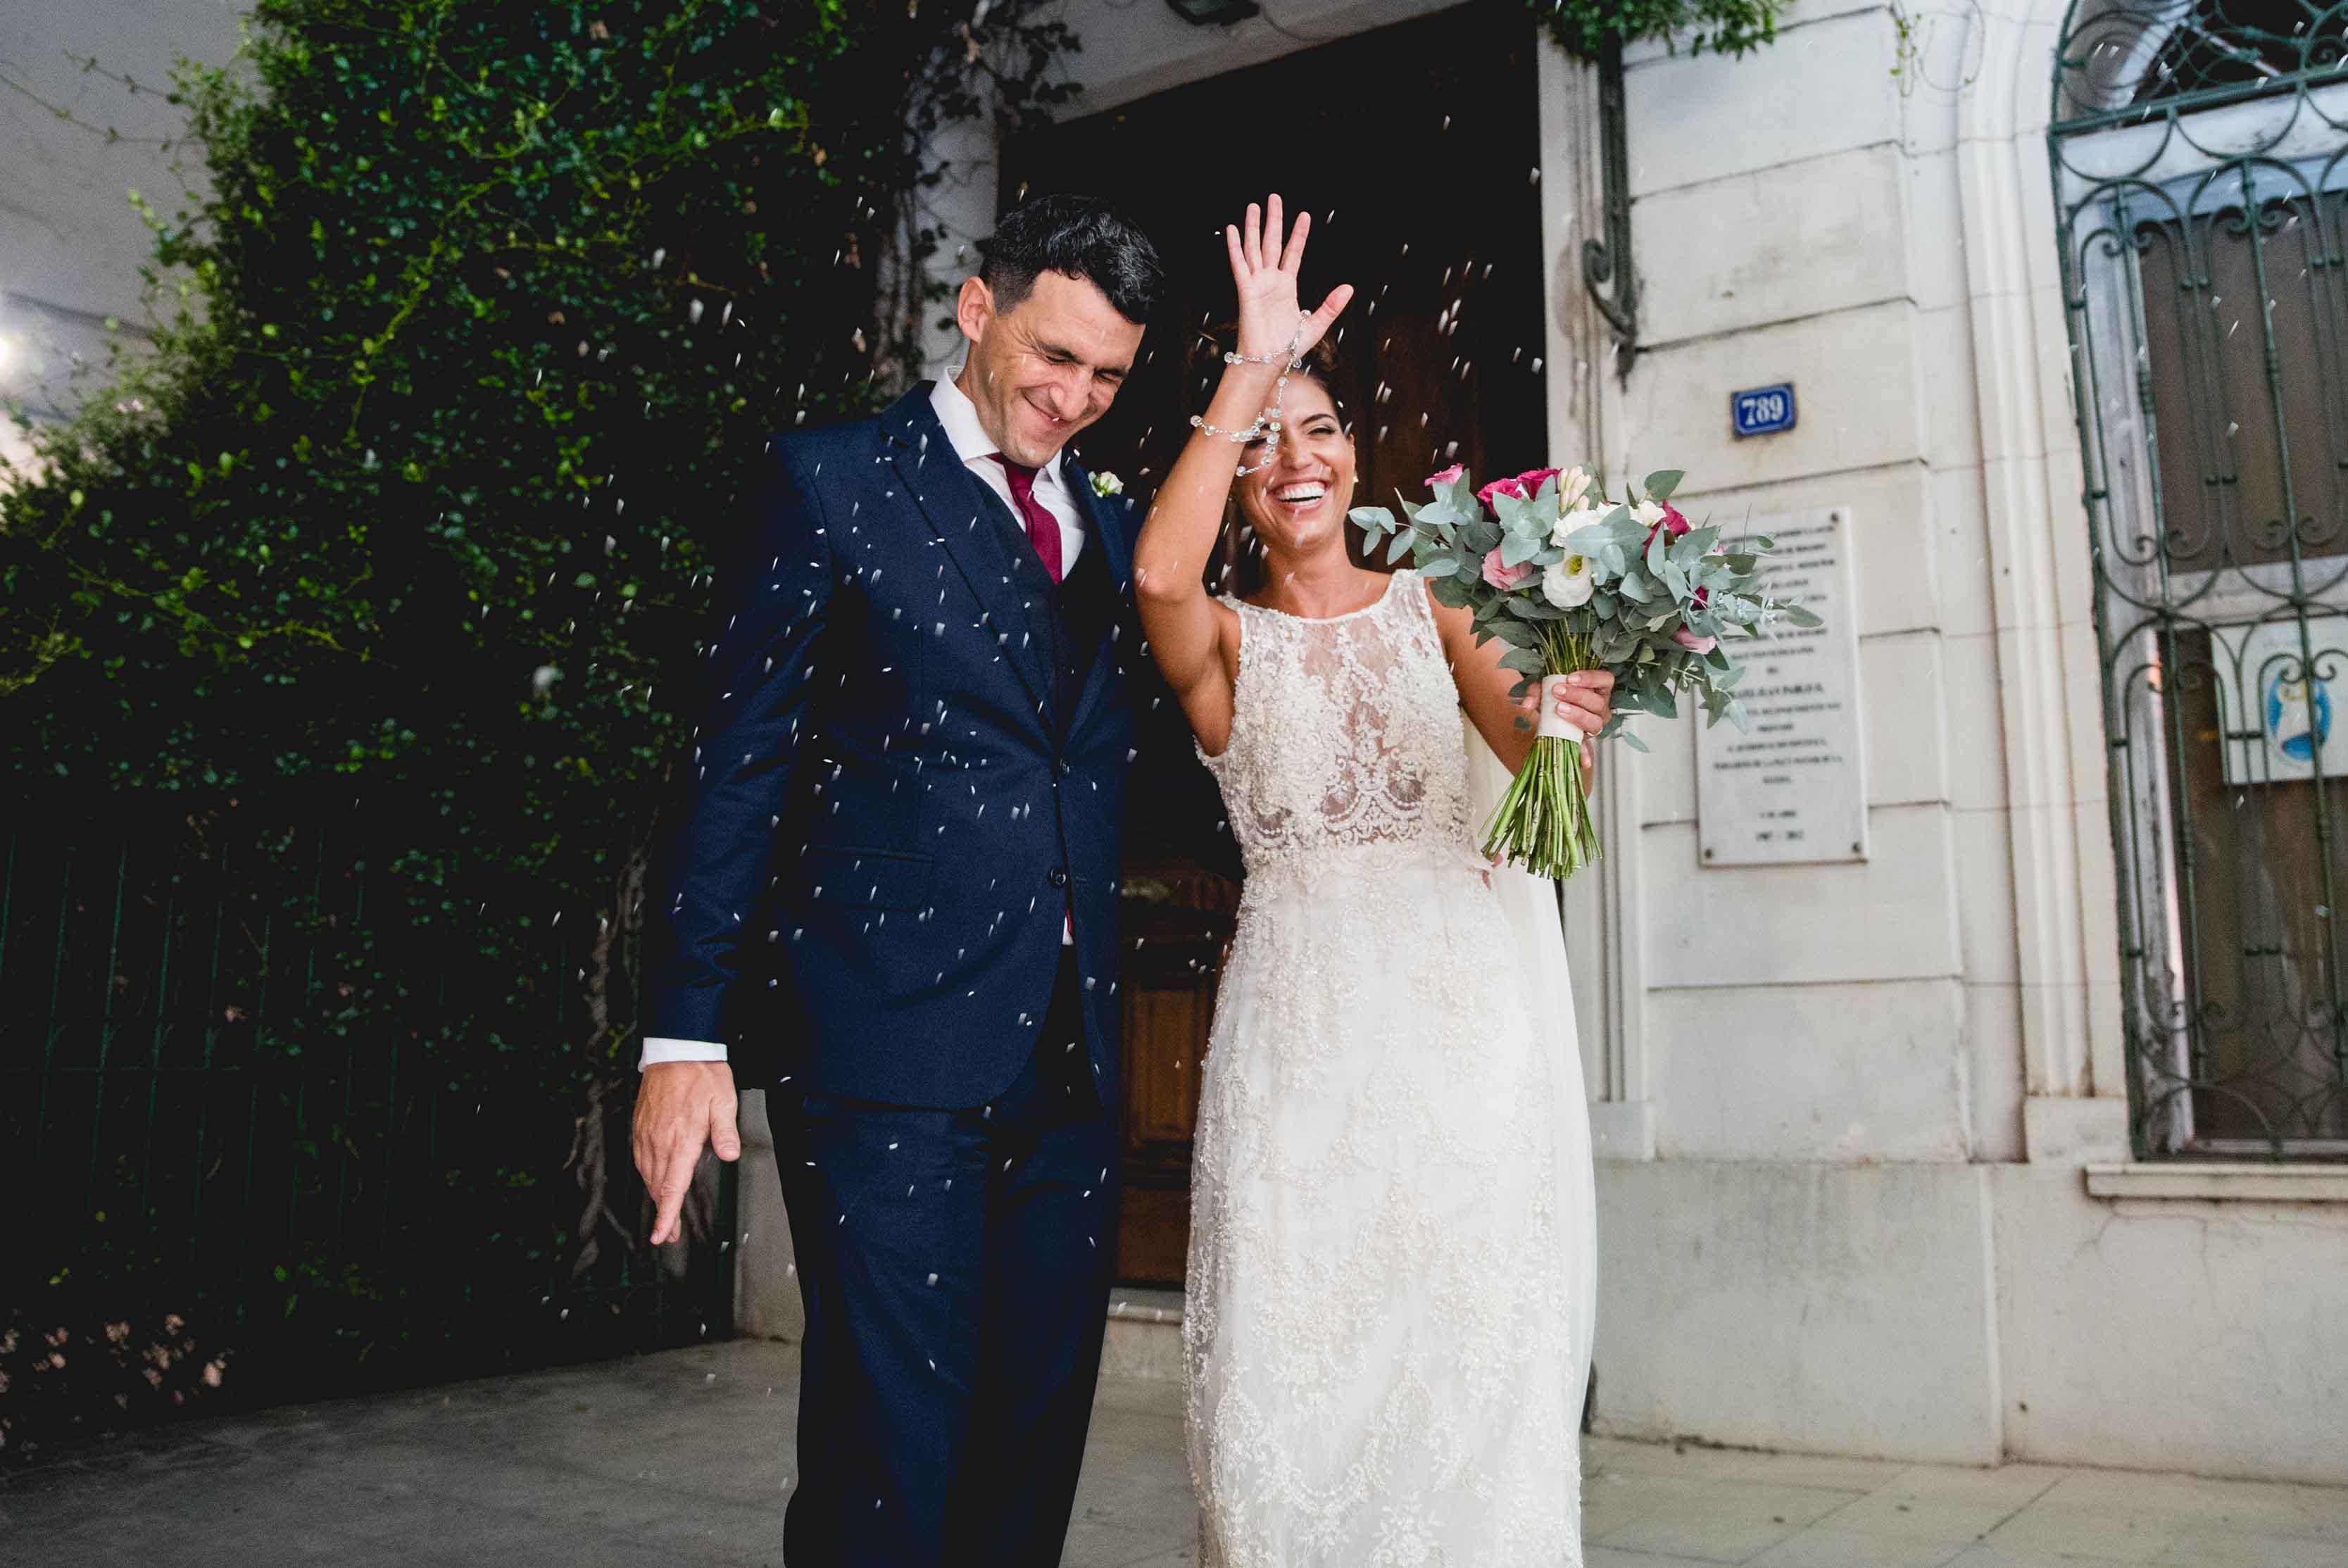 Fotos de la boda de Debi y Bruno en Rosario realizadas por Bucle Fotografias Flor Bosio y Caro Clerici